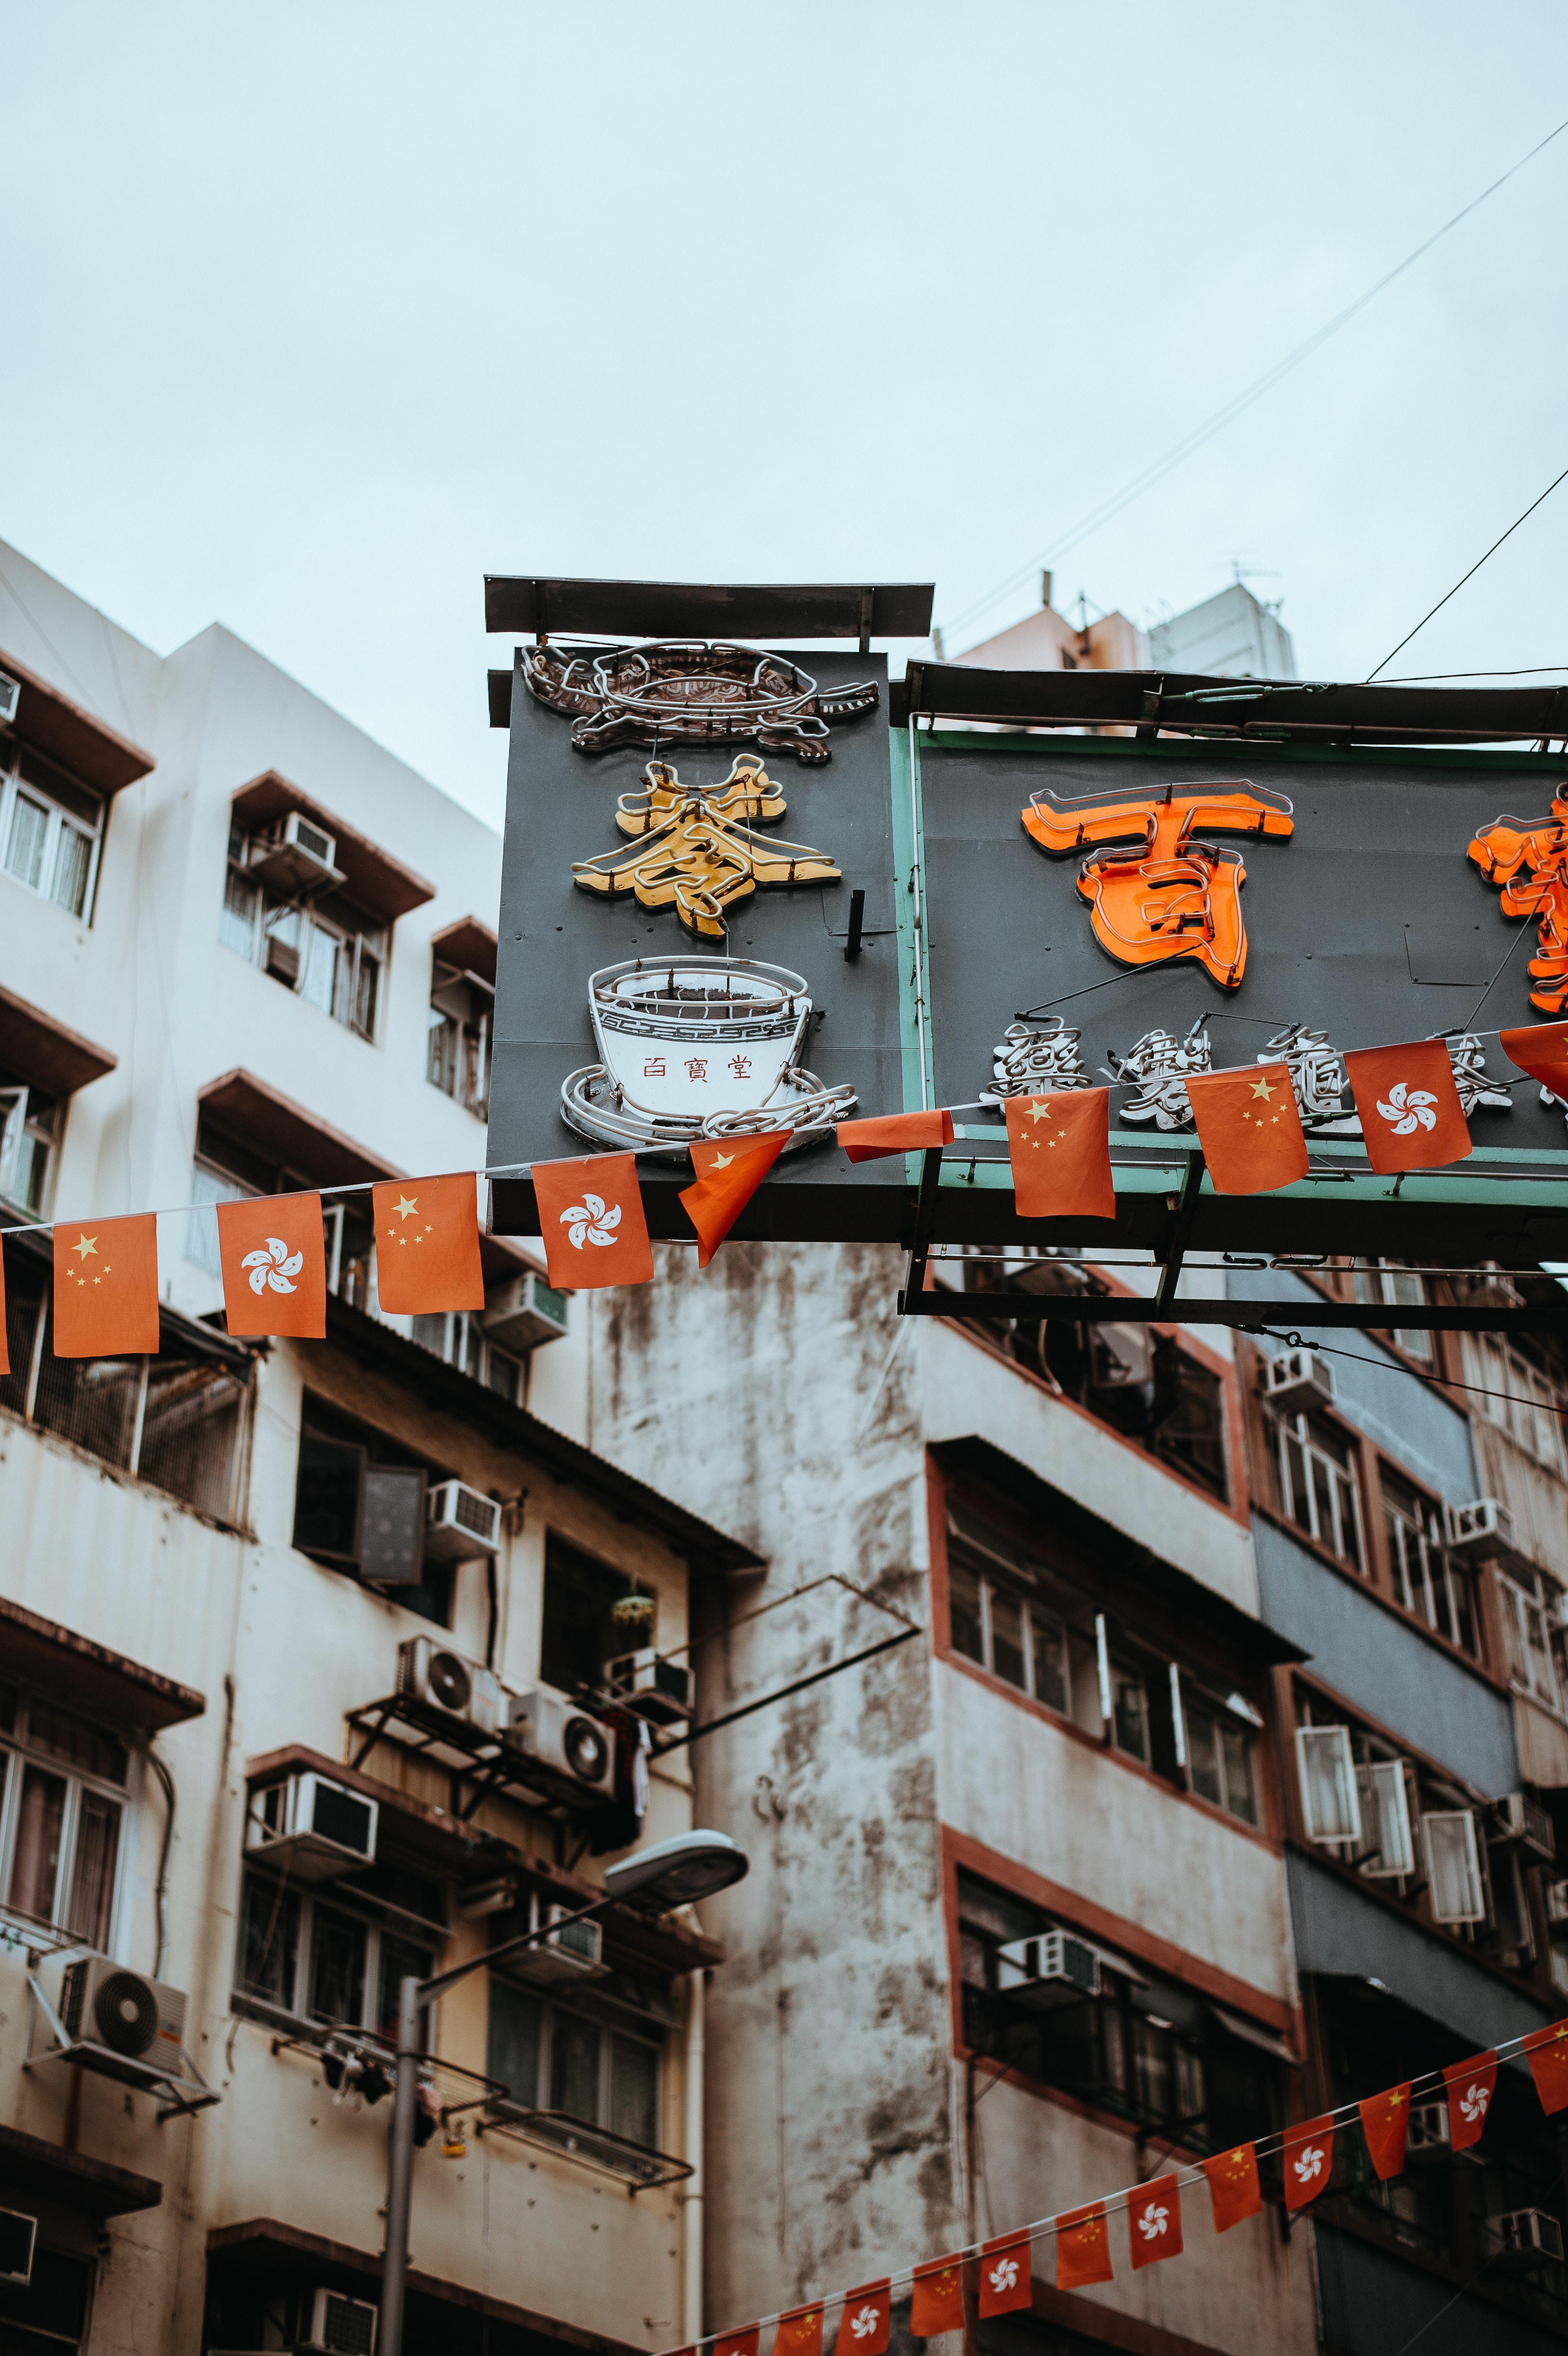 flag of Hong Kong and China buntings